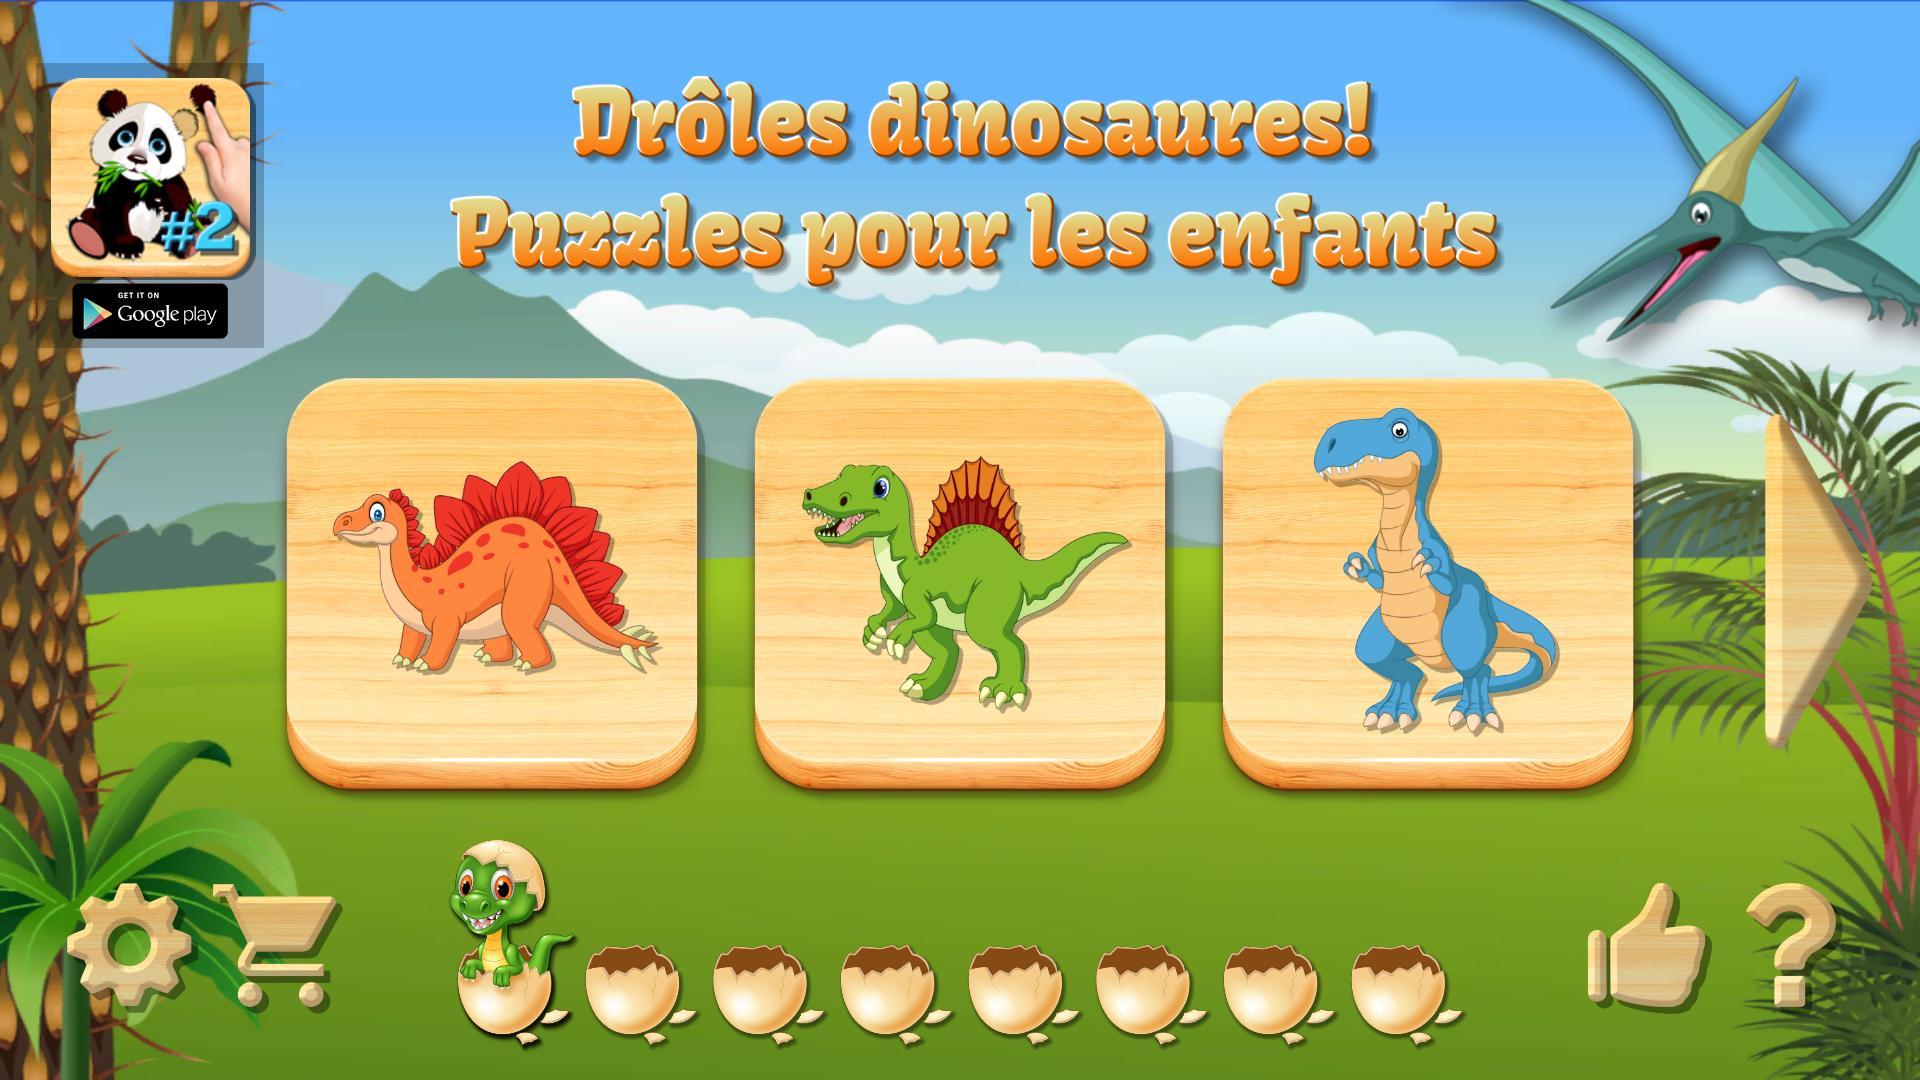 Dino Puzzle - Jeux Educatif Gratuit Pour Android à Puzzle Photo Gratuit